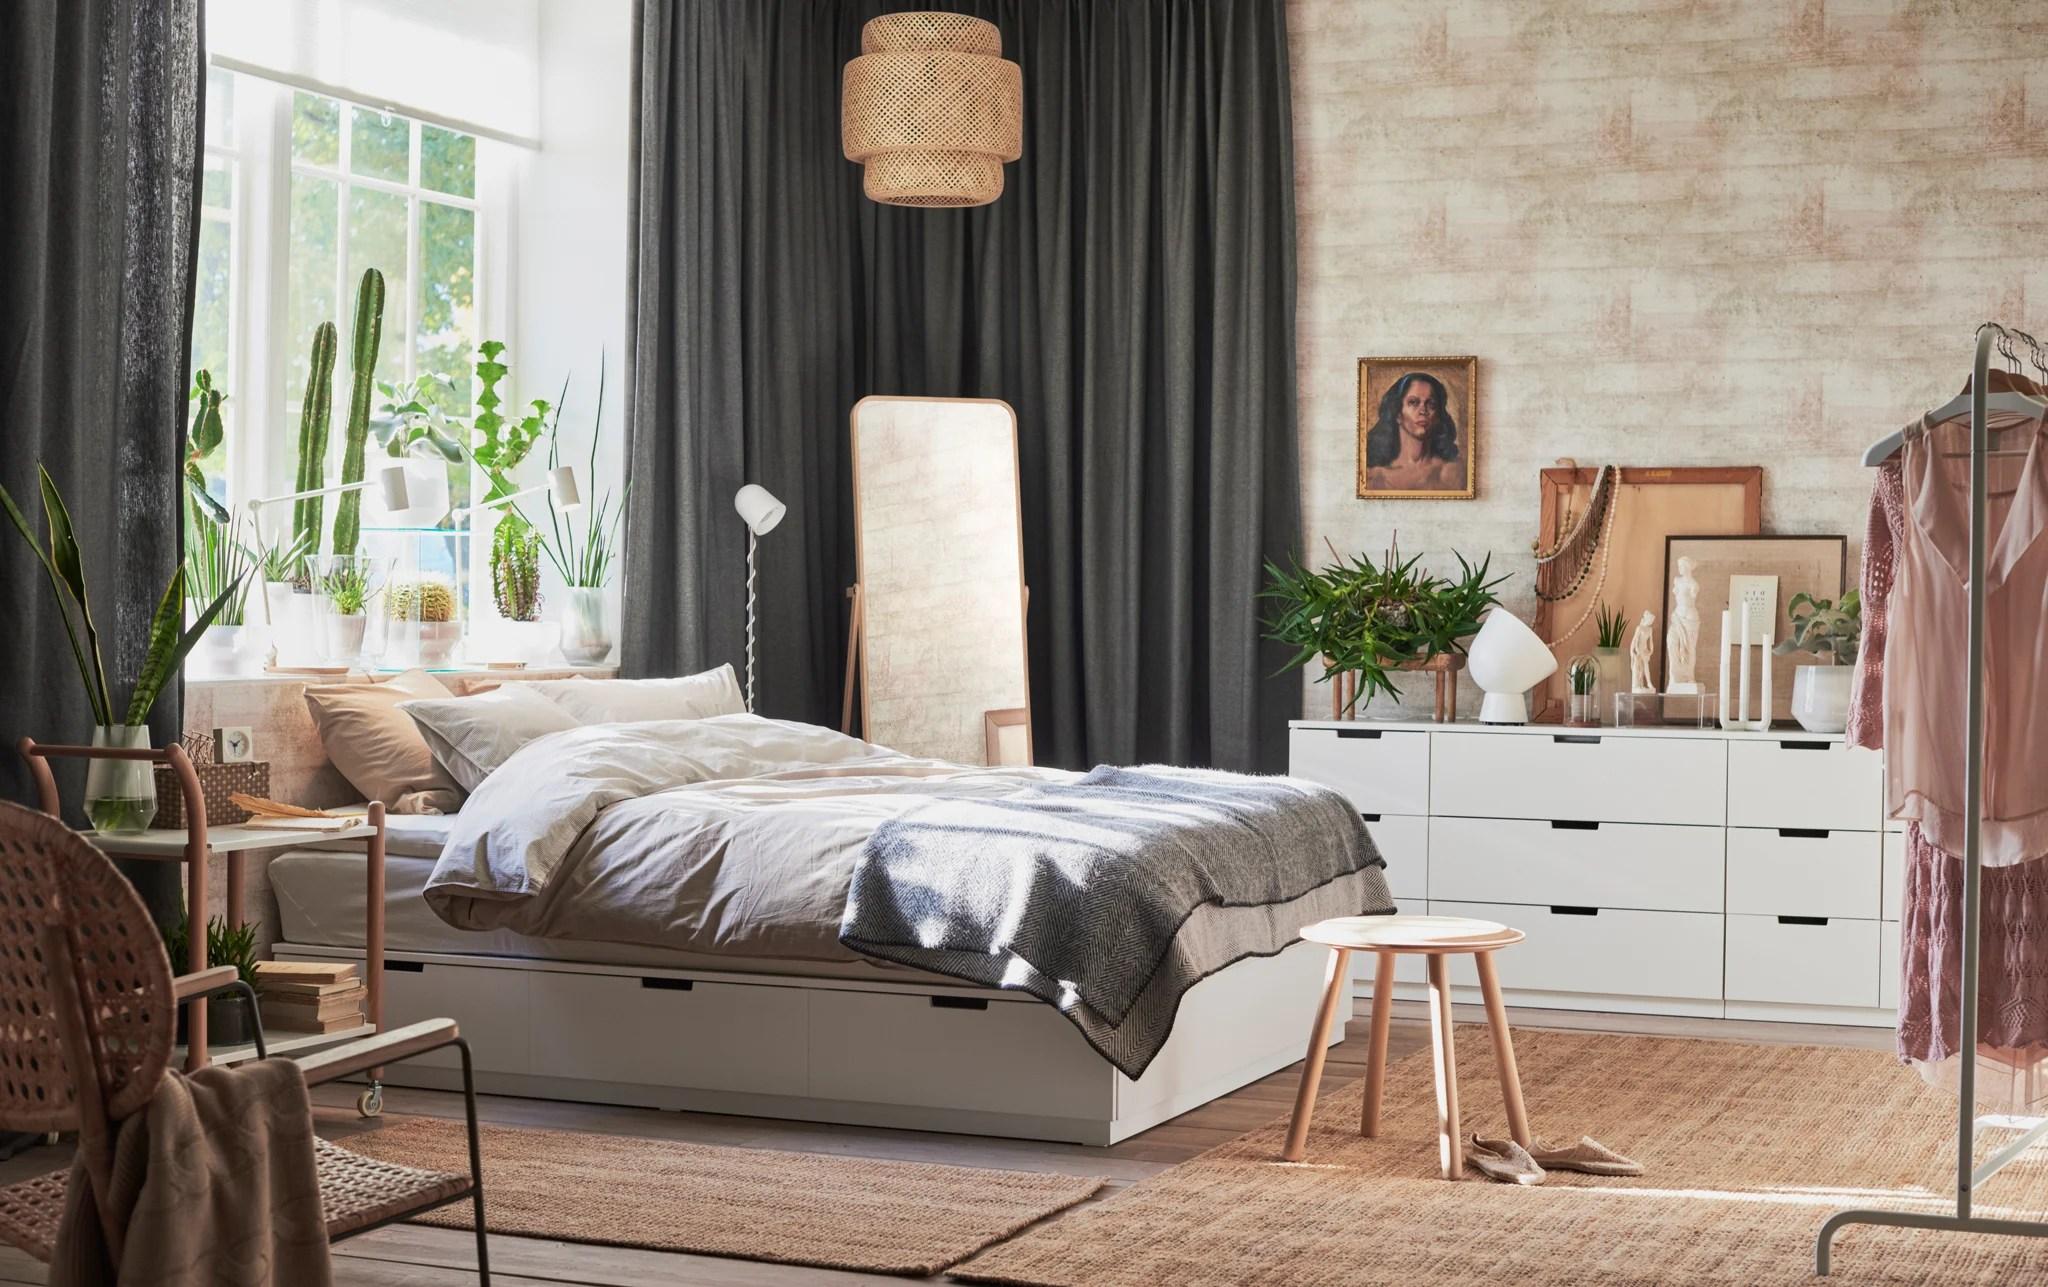 Schlafzimmer Einrichten Und Dekorieren Alles Vom Bett Bis